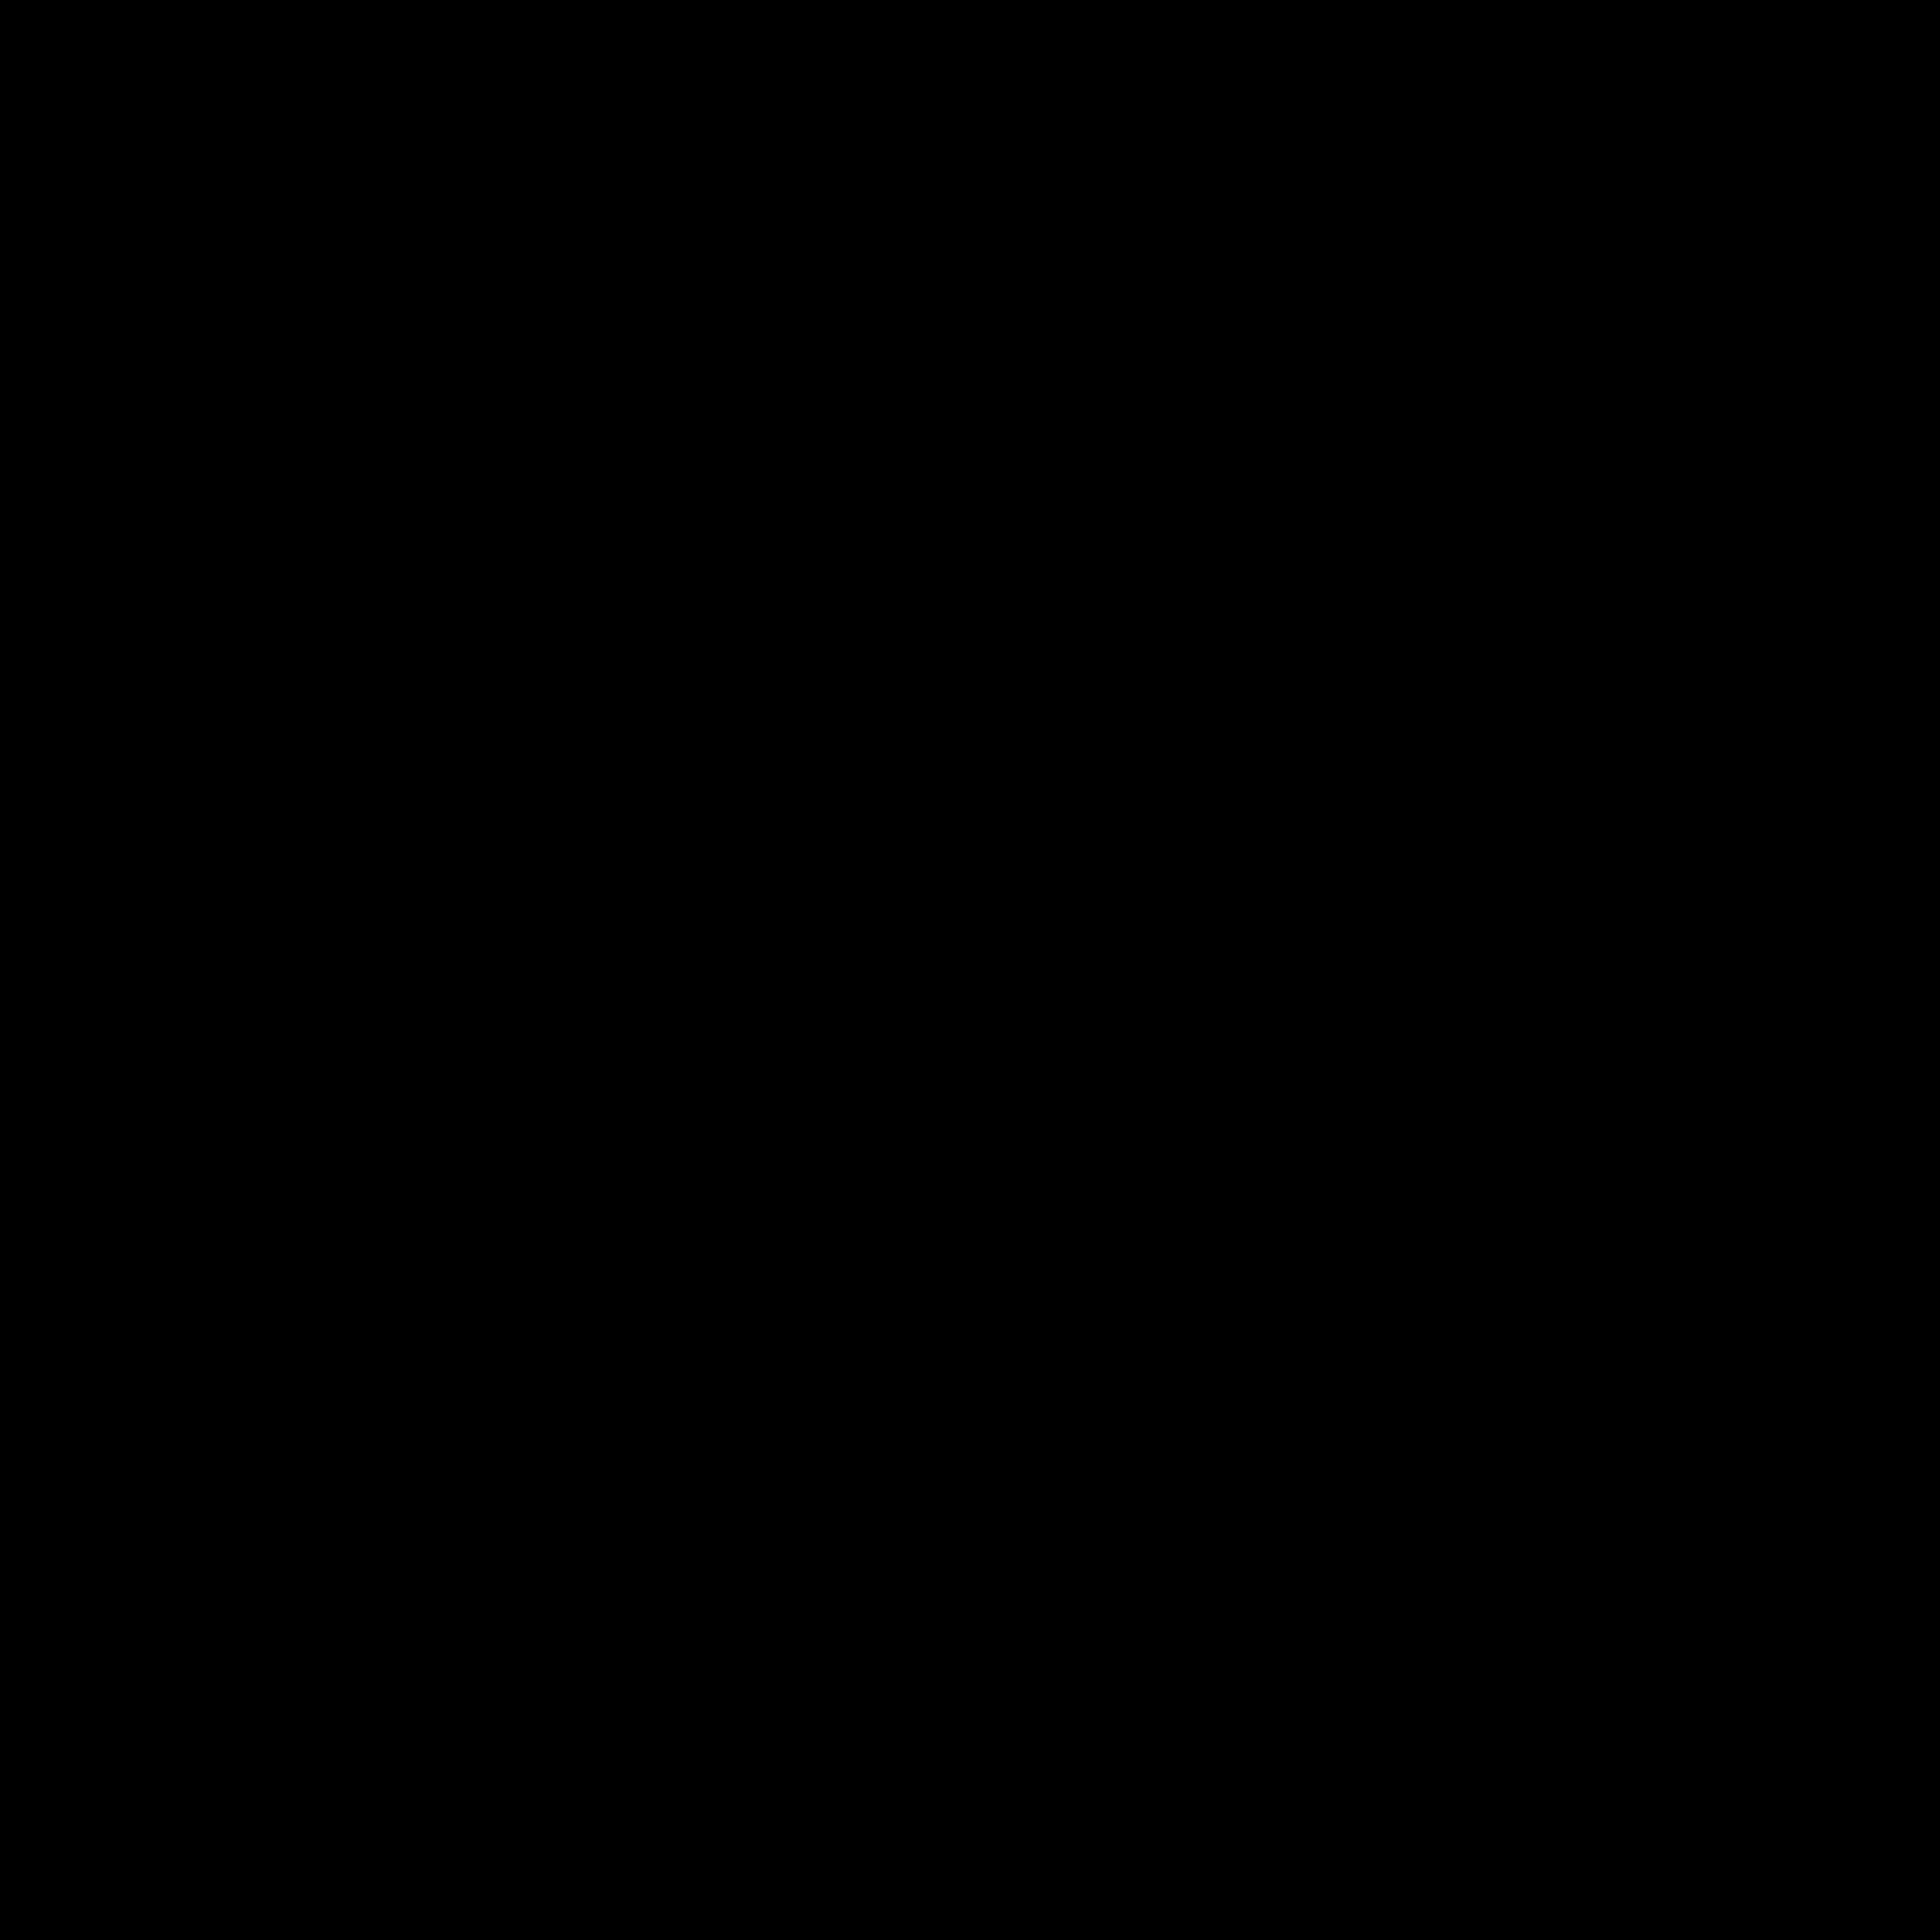 4096x4096 15 White Facebook Logo Png For Free Download On Mbtskoudsalg